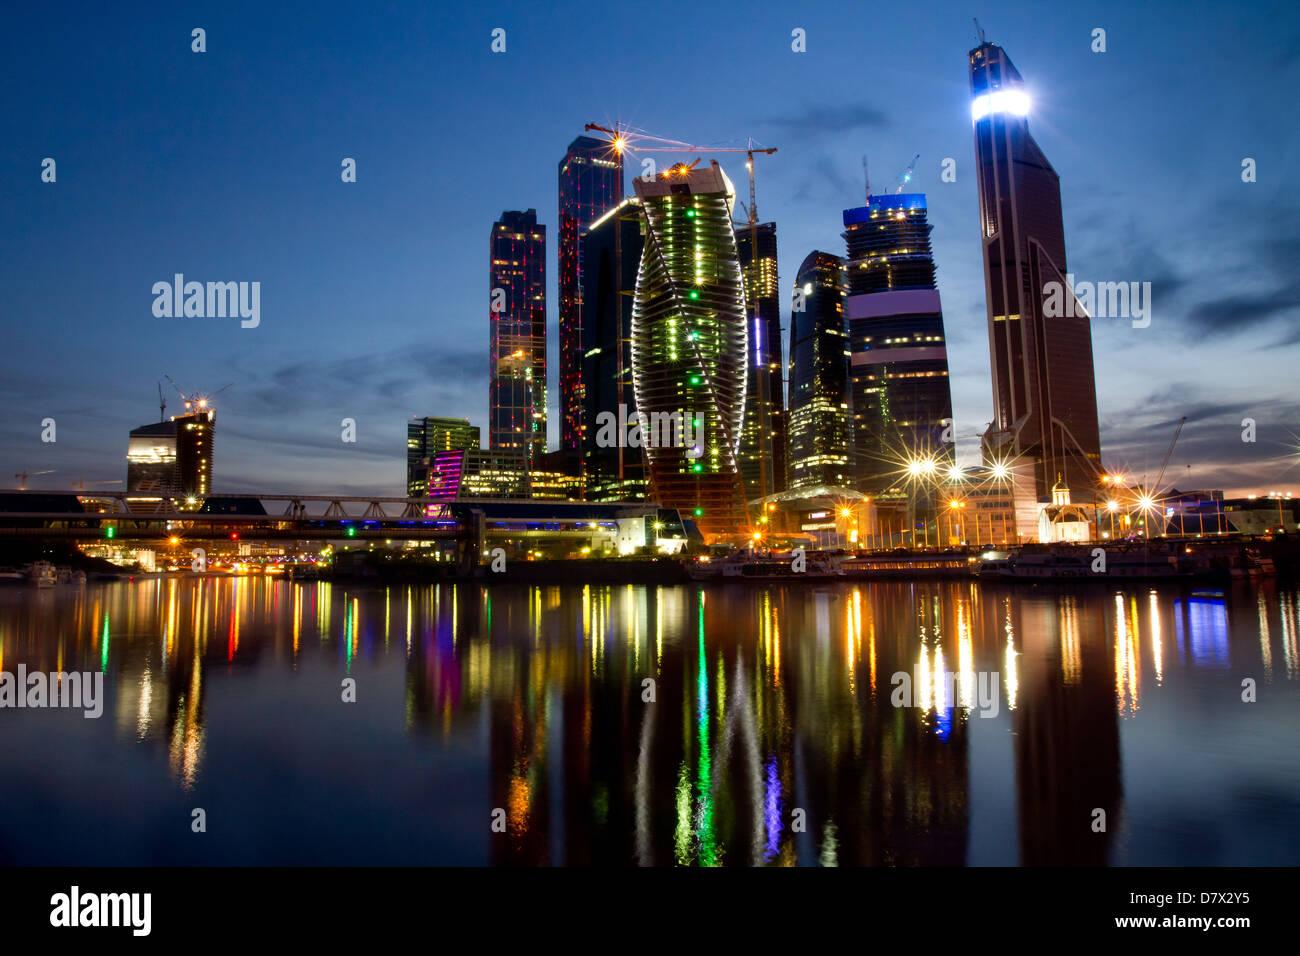 Vista nocturna de los rascacielos del centro de negocios de Moscú Imagen De Stock